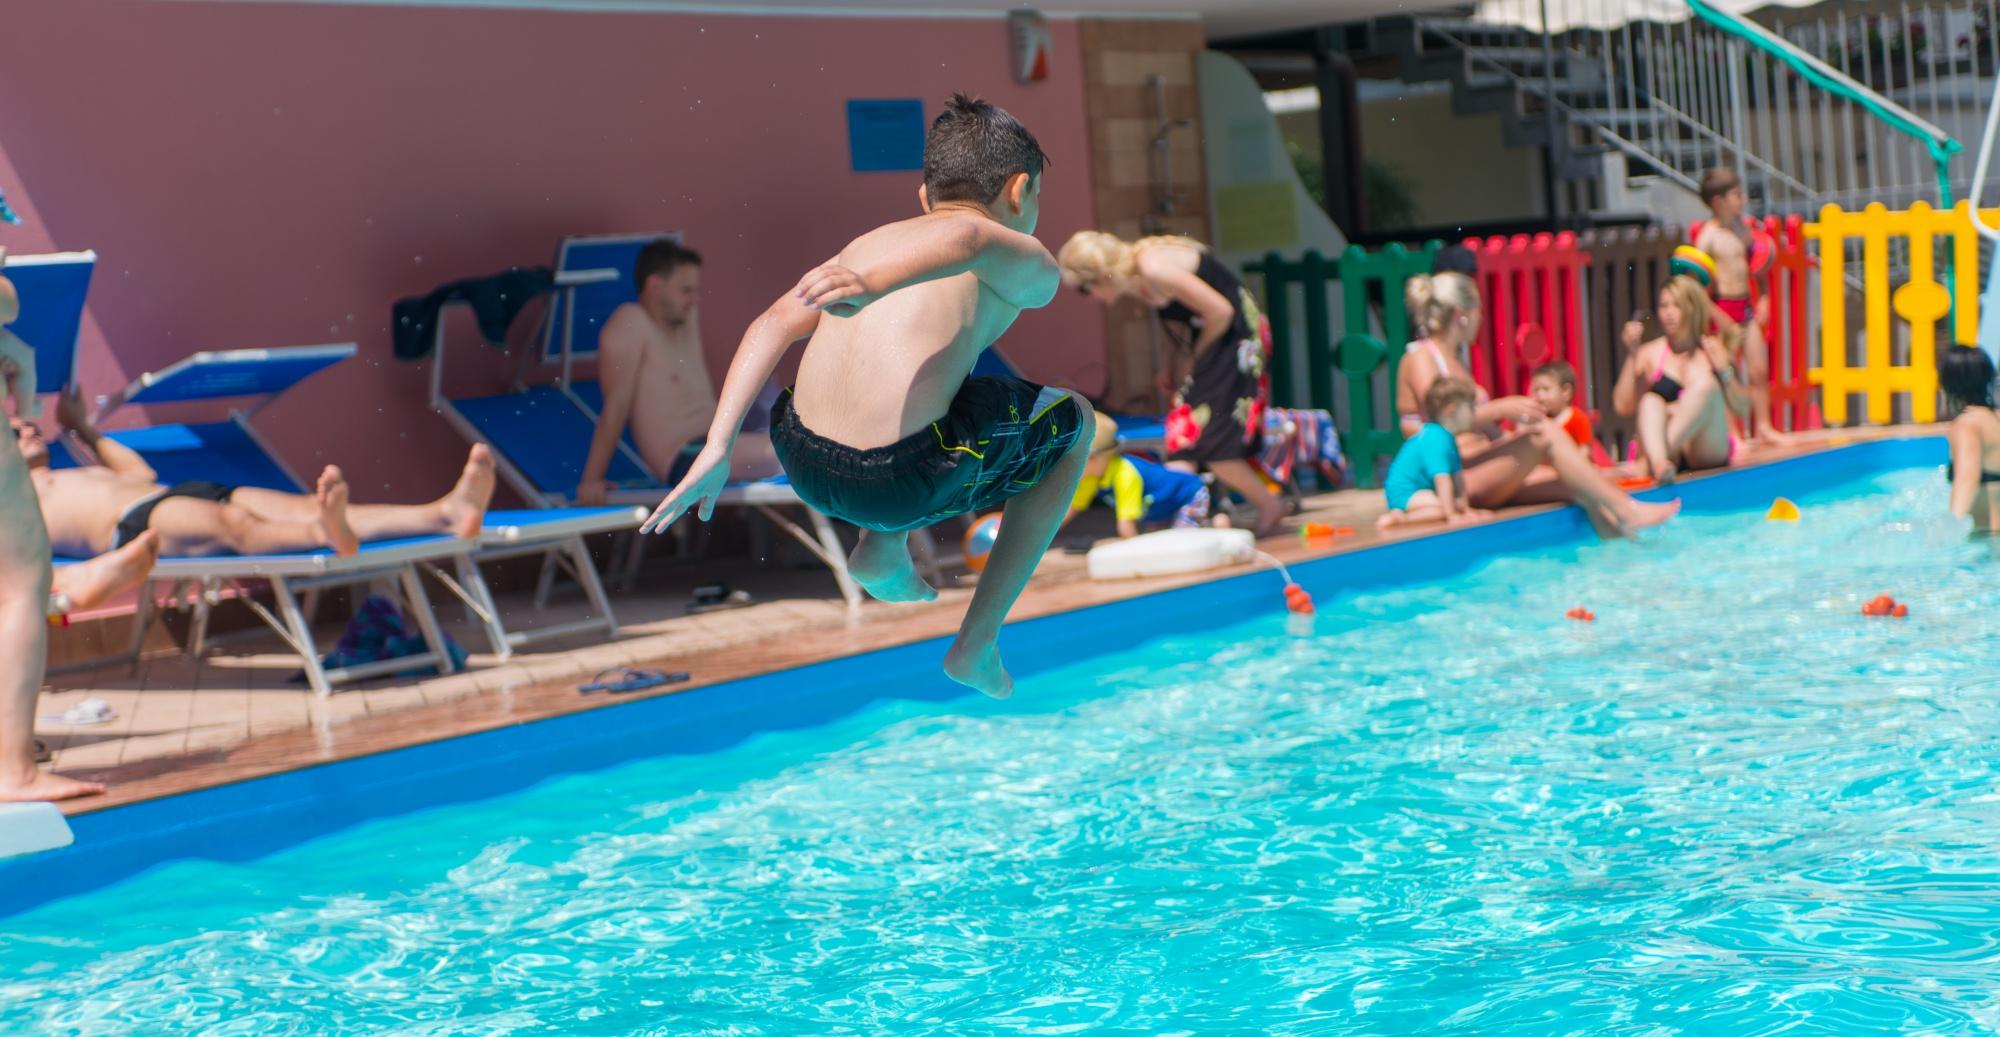 Offerta luglio 2019 all inclusive in hotel 3 stelle rimini per famiglie con piscina e animazione - Hotel con piscina riscaldata per bambini ...